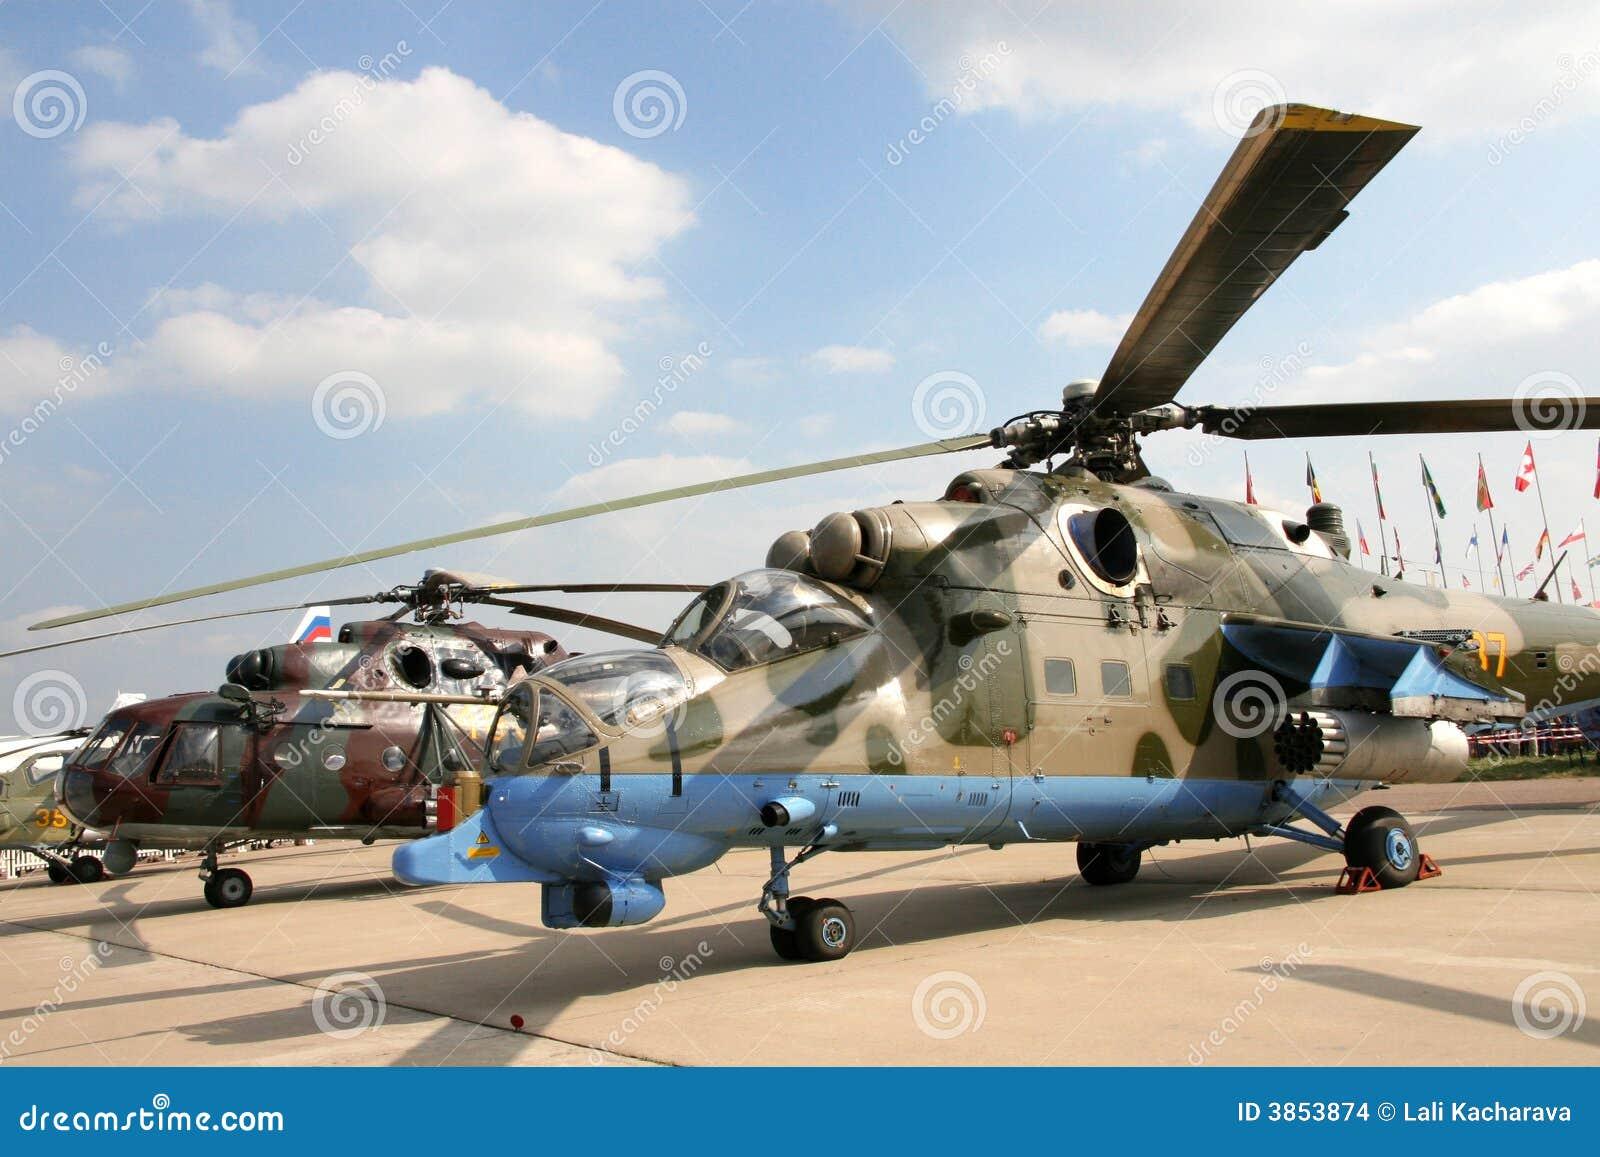 Elicottero Russo : Elicotteri militari fotografia stock immagine di forza